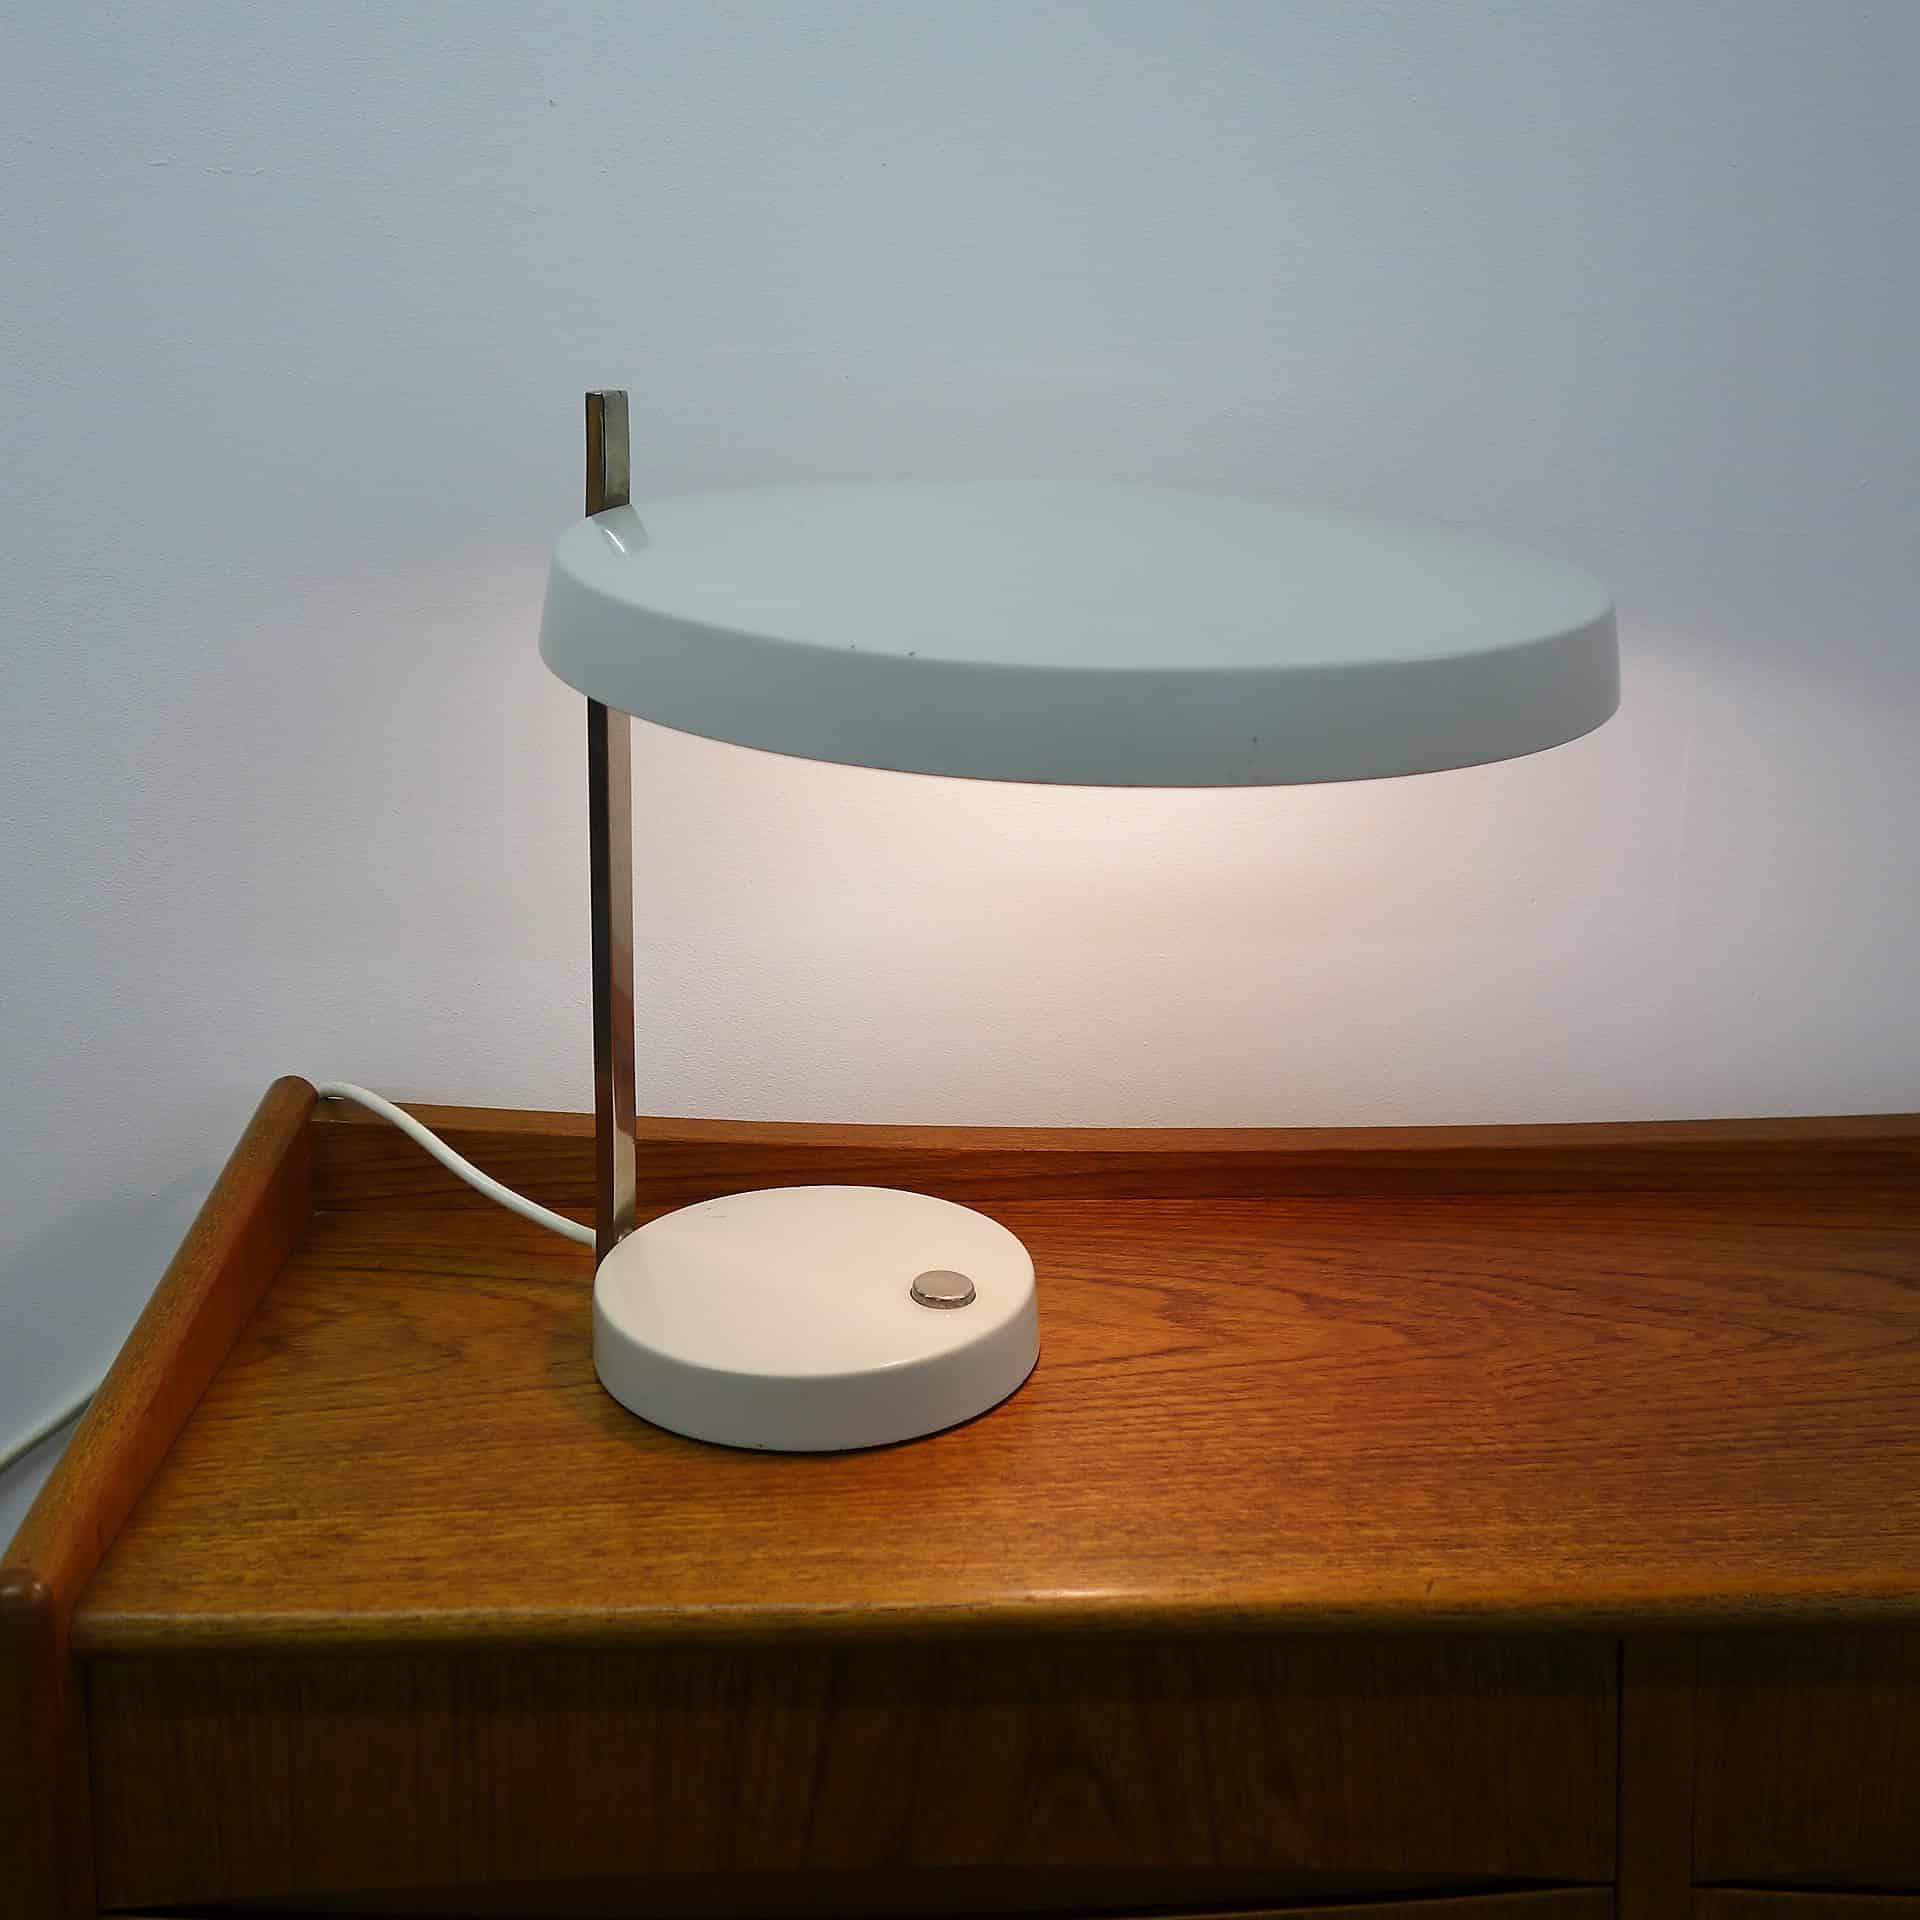 1960s desk lamp